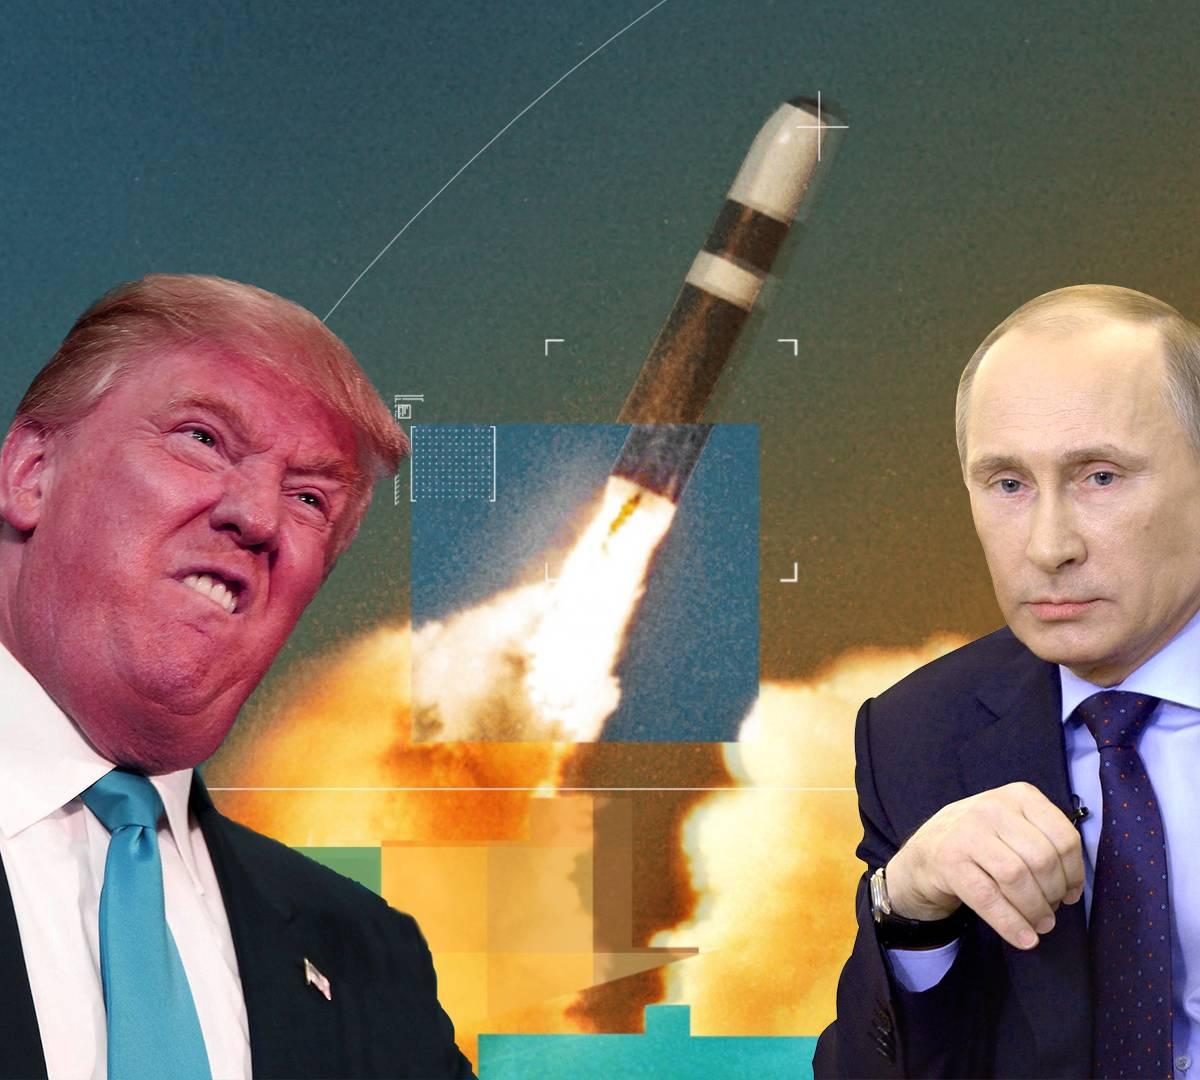 Хохлов с поляками не жалко: почему США выходит из договора РСМД